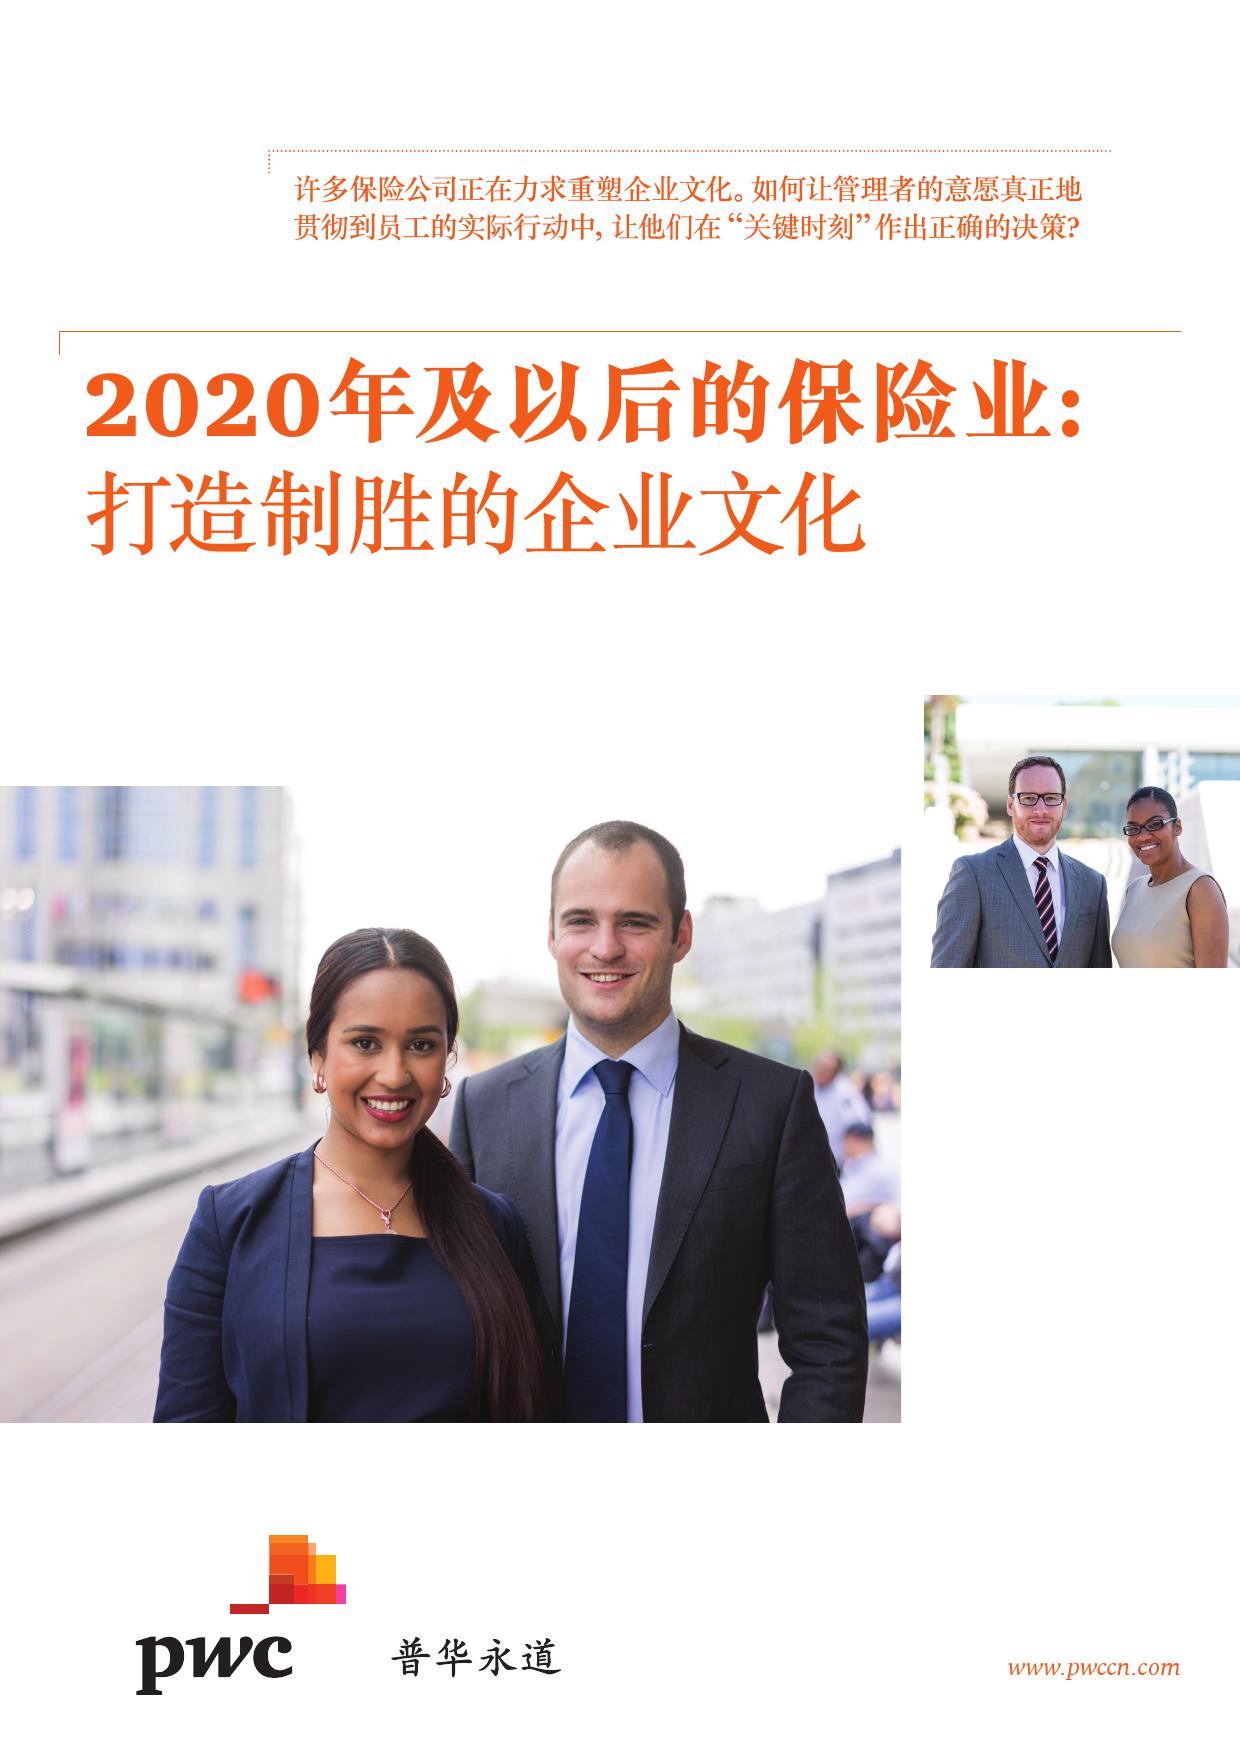 2020年以后的保险业:打造制胜的企业文化(附下载)